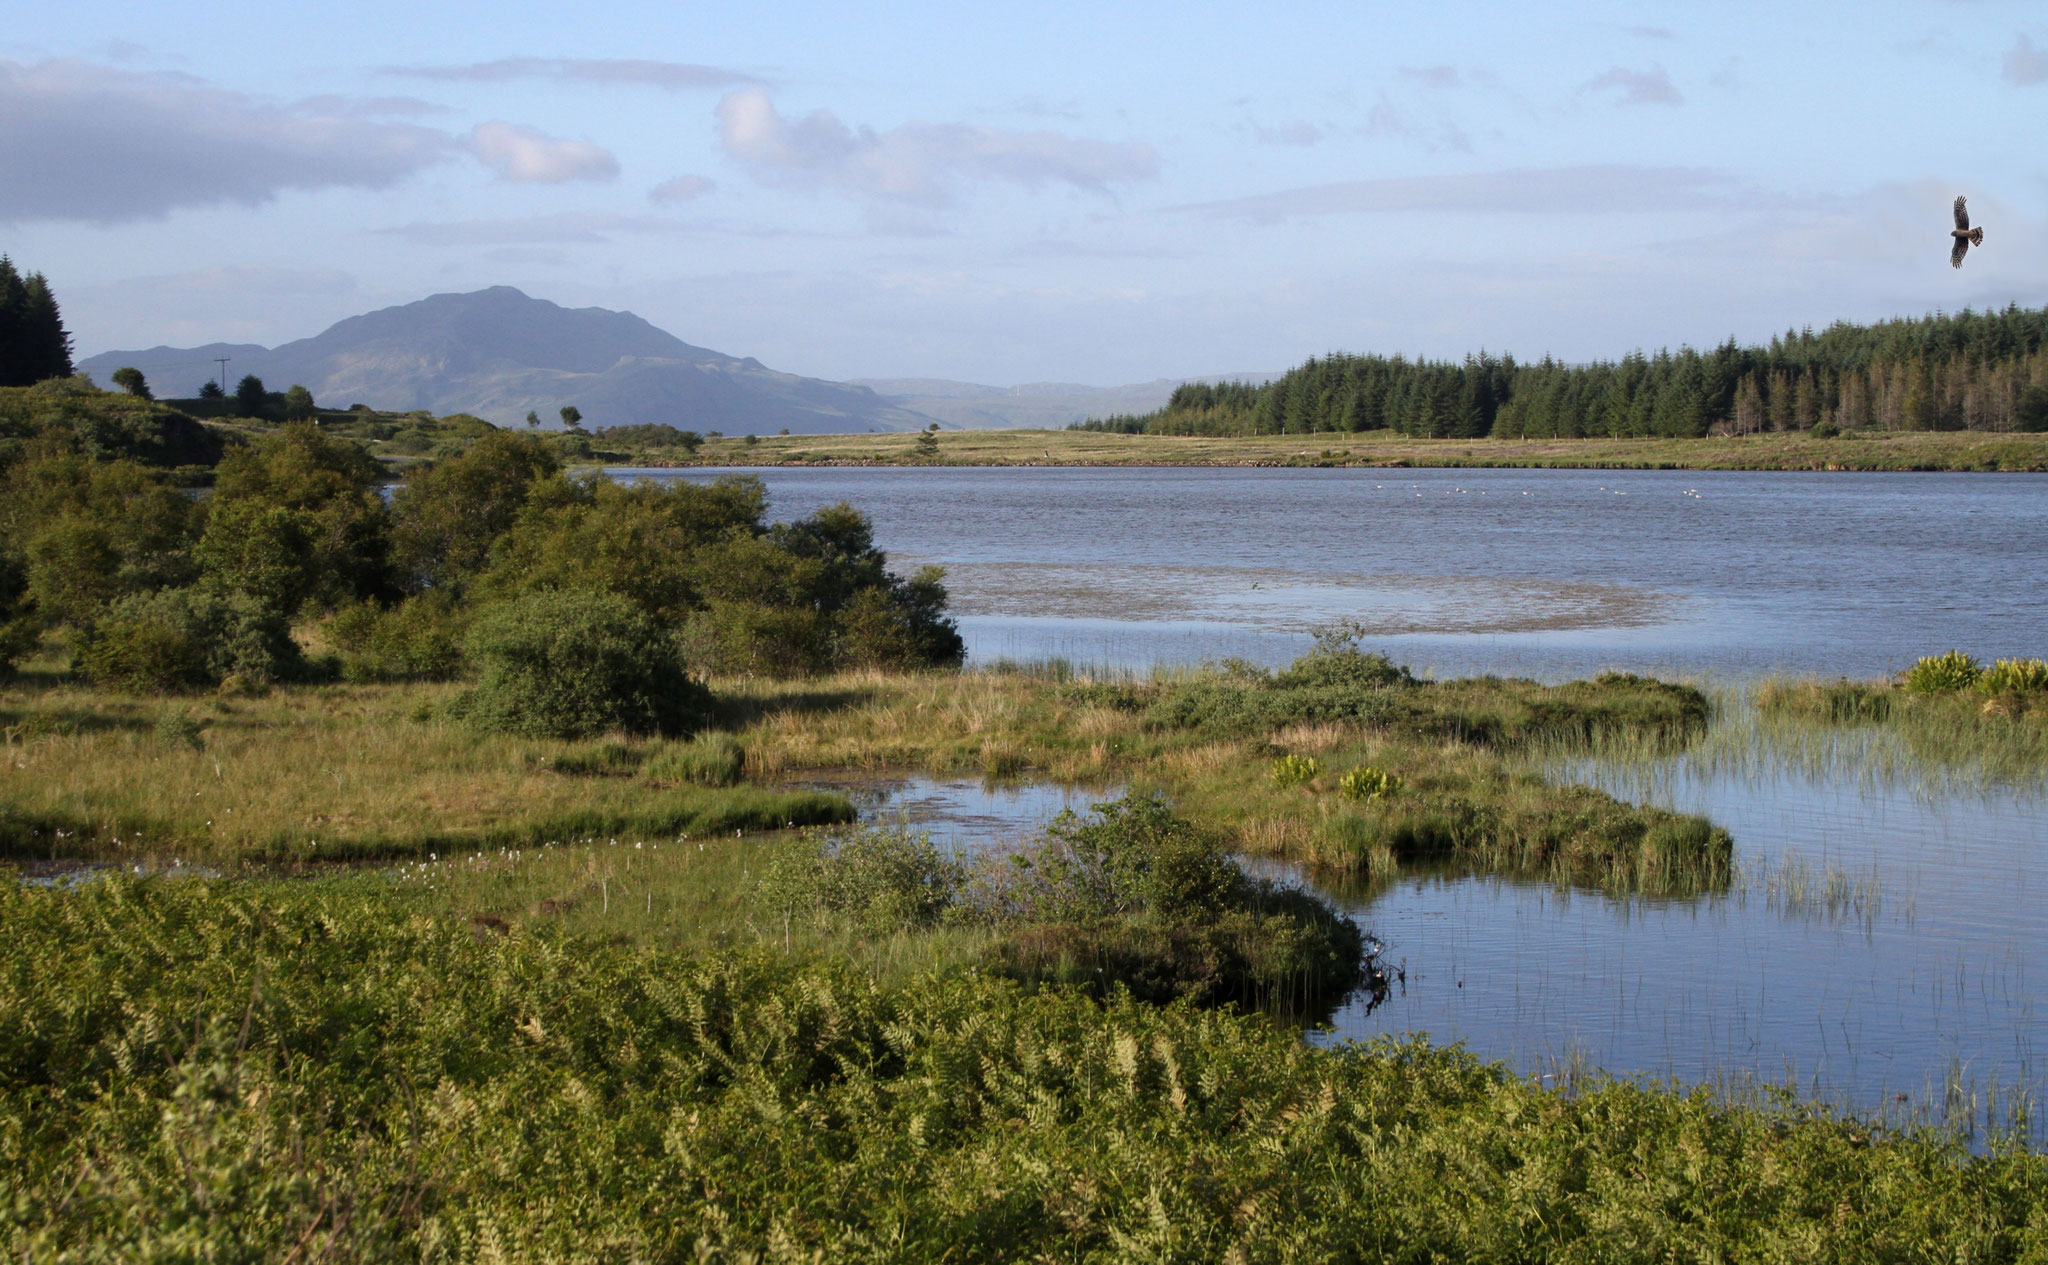 Zwischen Tobermory und Dervaig ist die Hochebene mit den Mishnish-Lochs - gutes Kornweihen-Gebiet